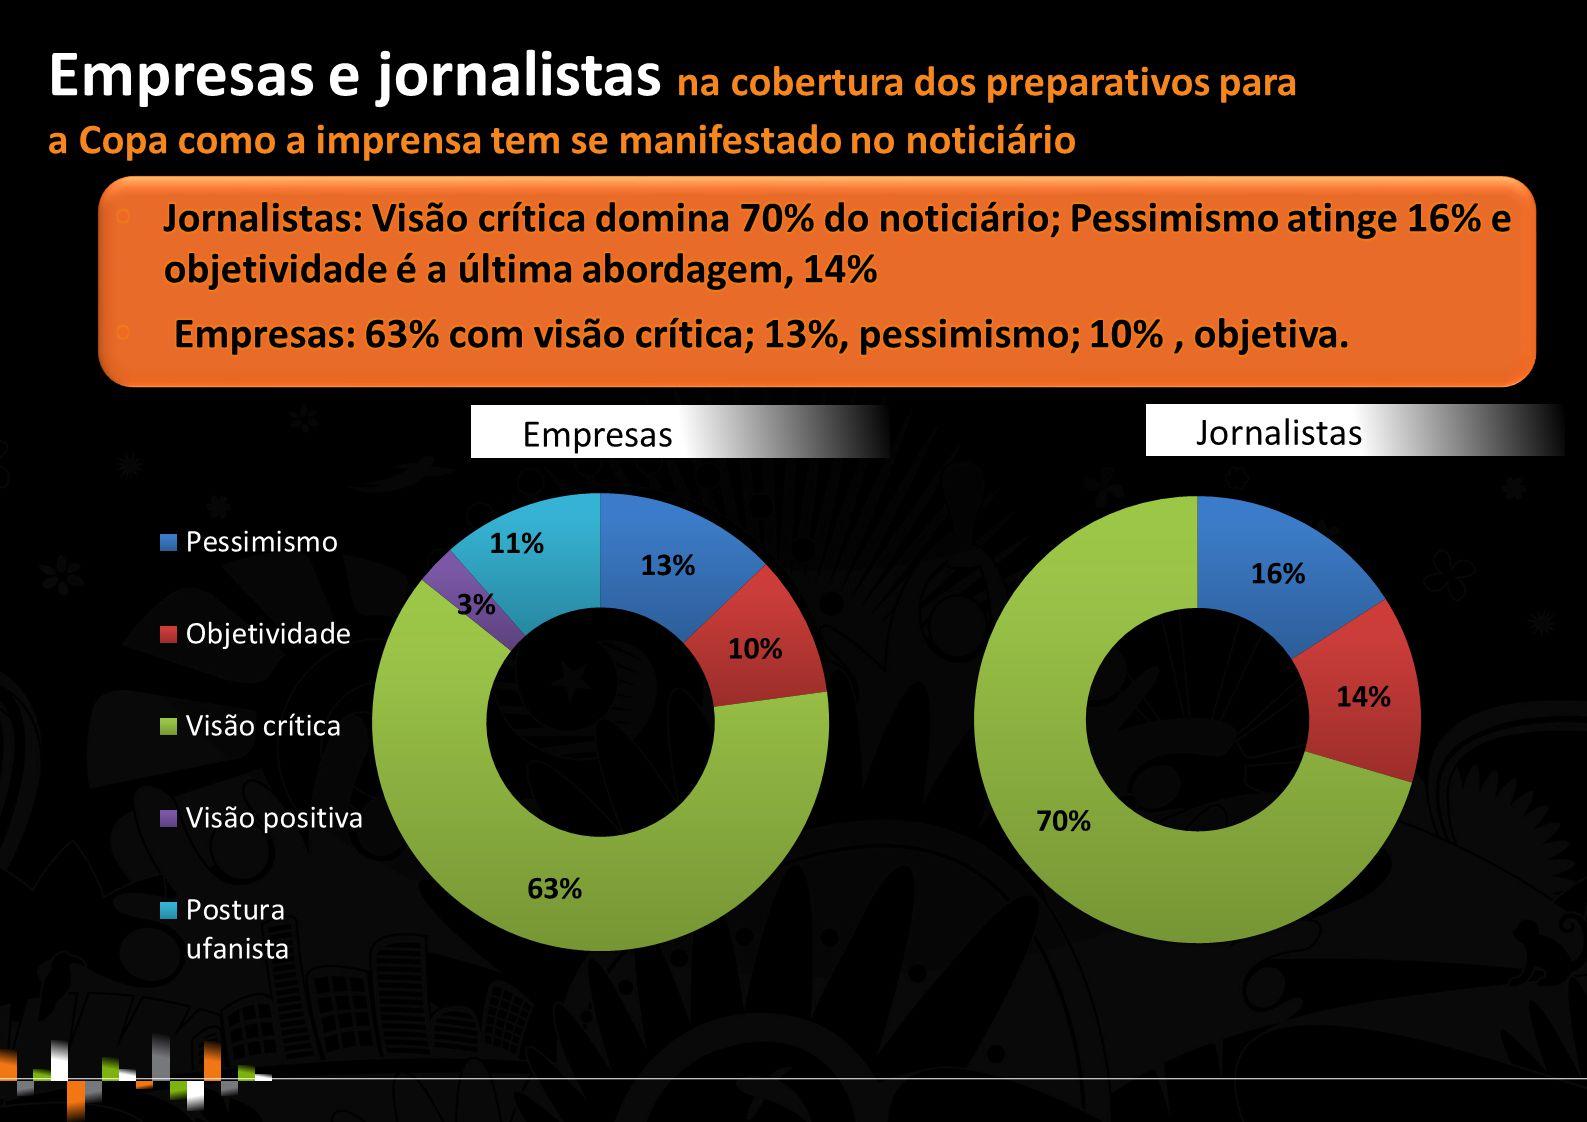 Empresas e jornalistas na cobertura dos preparativos para a Copa como a imprensa tem se manifestado no noticiário Empresas Jornalistas